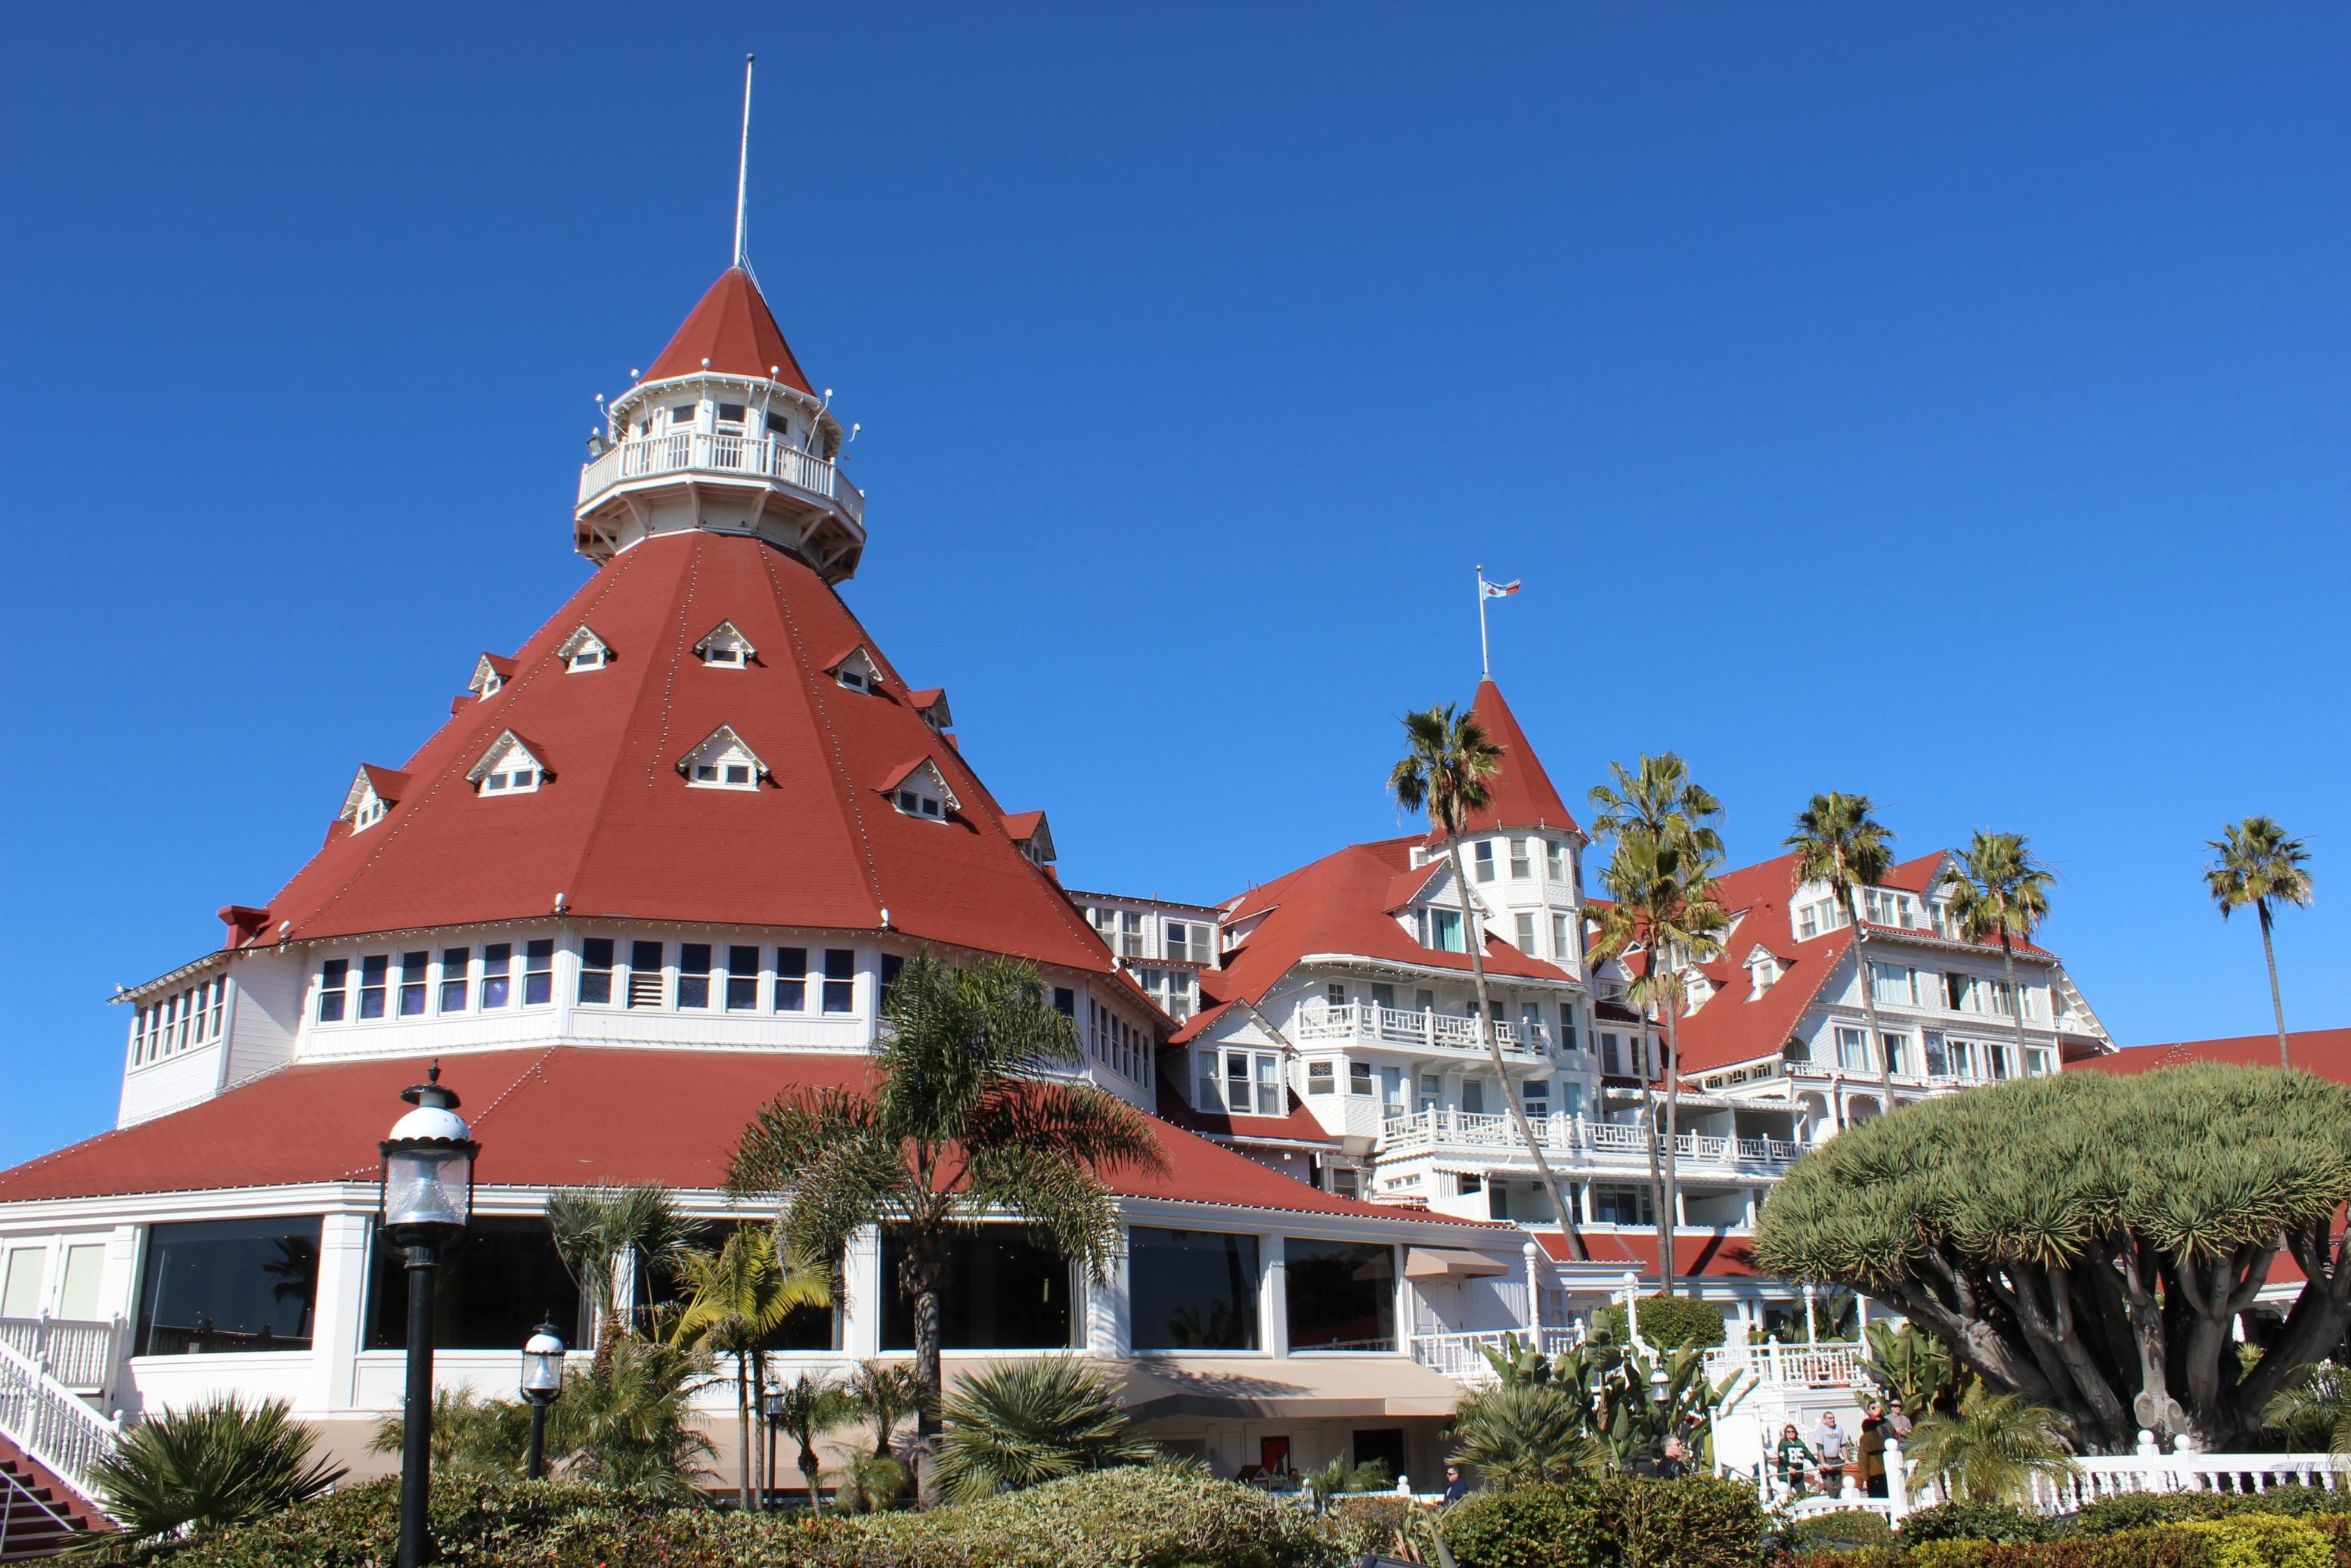 San Diego Hotel Del Coronado Wikipedia